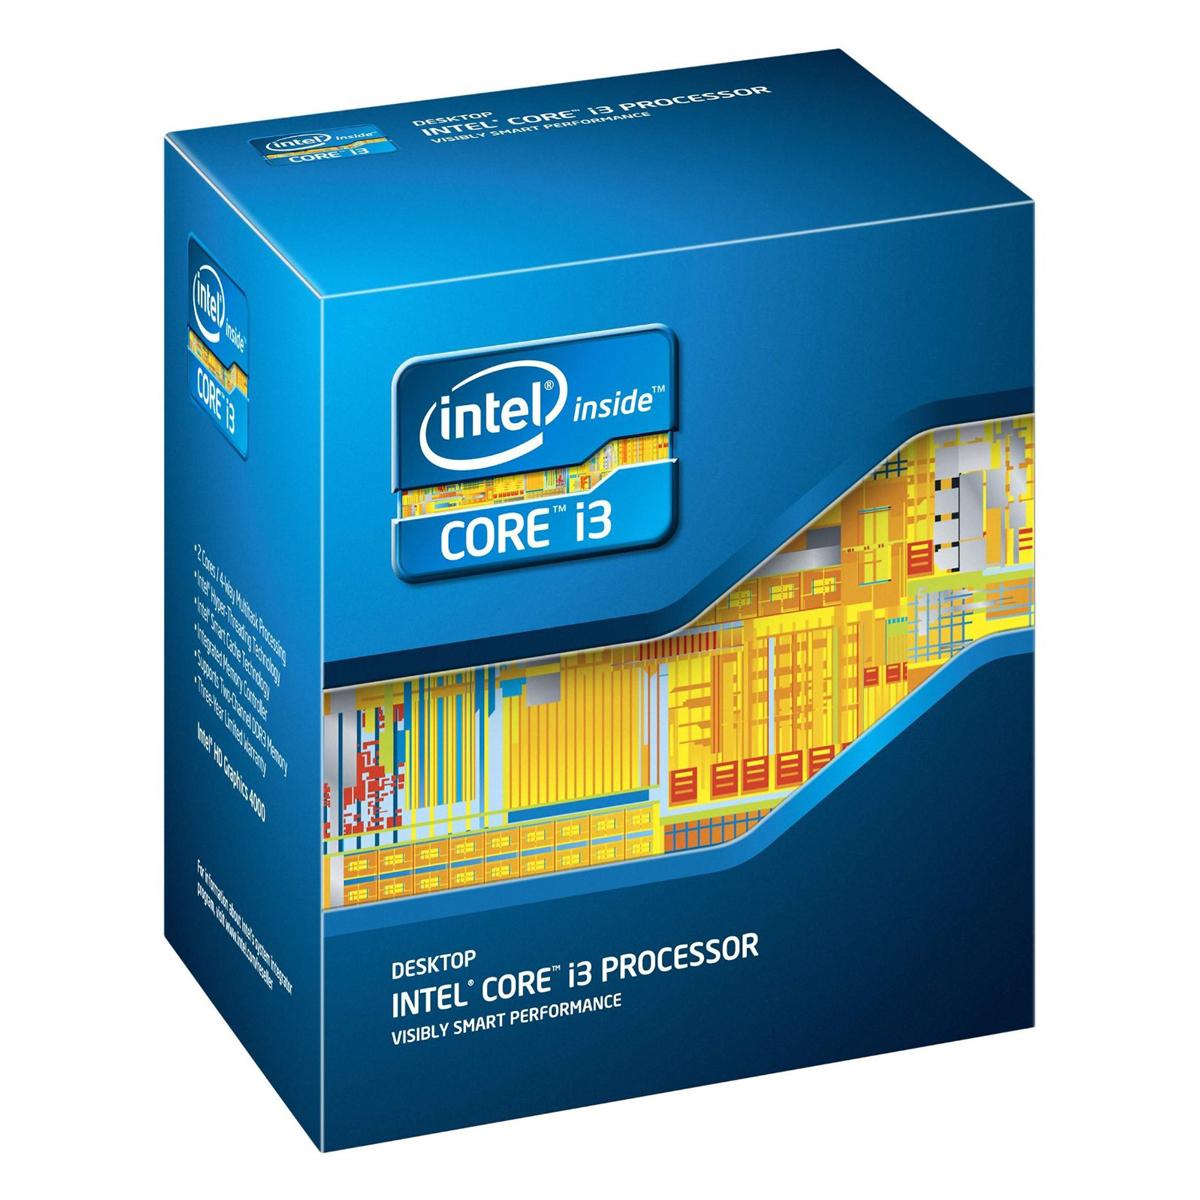 Bộ Vi Xử Lý Intel Core i3-3220 3.3GHz - Hàng Nhập Khẩu